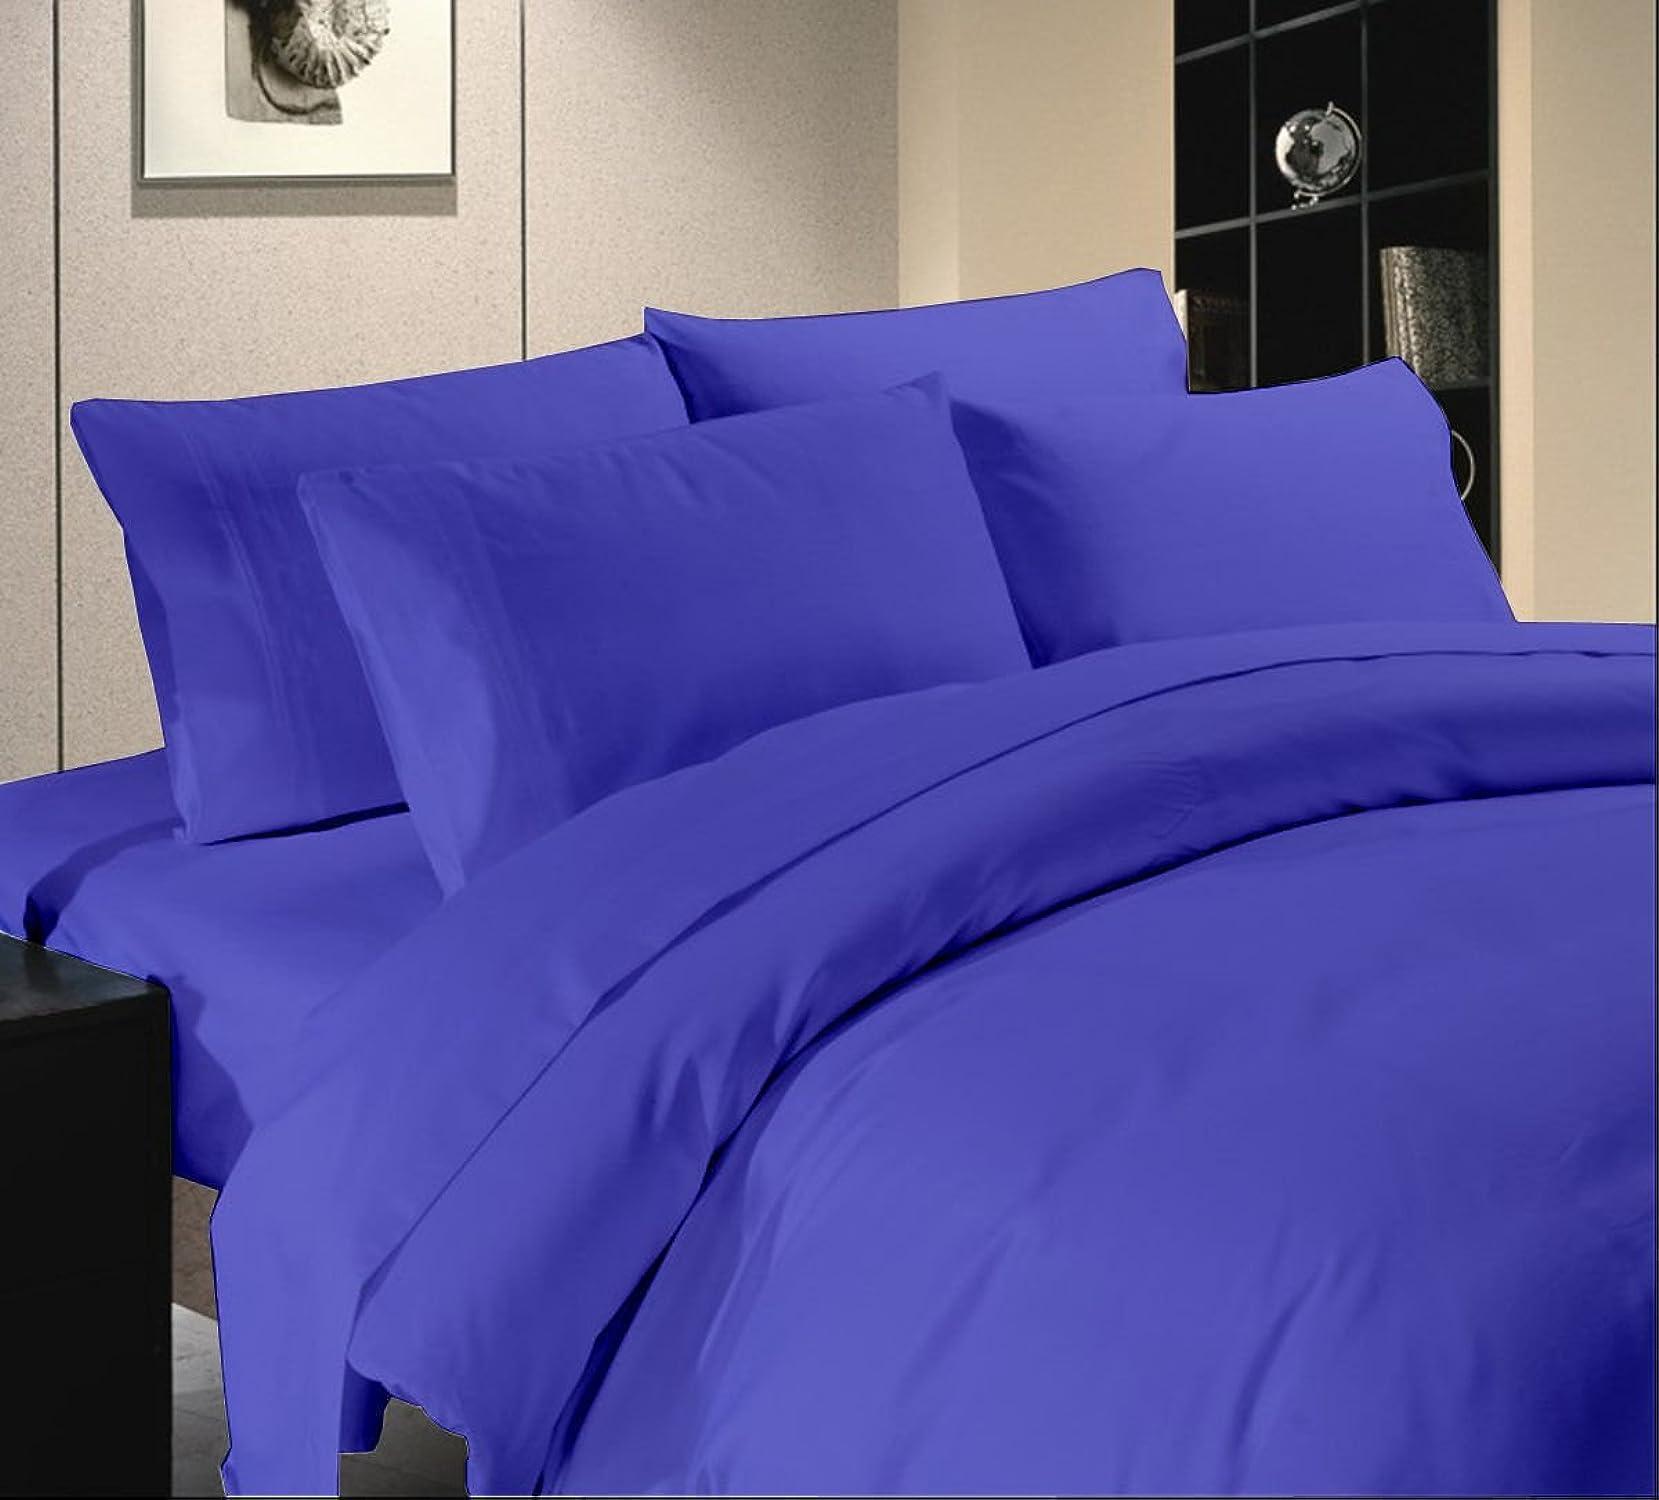 Tula Linen 500TC Parure de lit 100% Coton égypcravaten Bleu Royal Solide Unique Long 10cm de Profondeur Poche